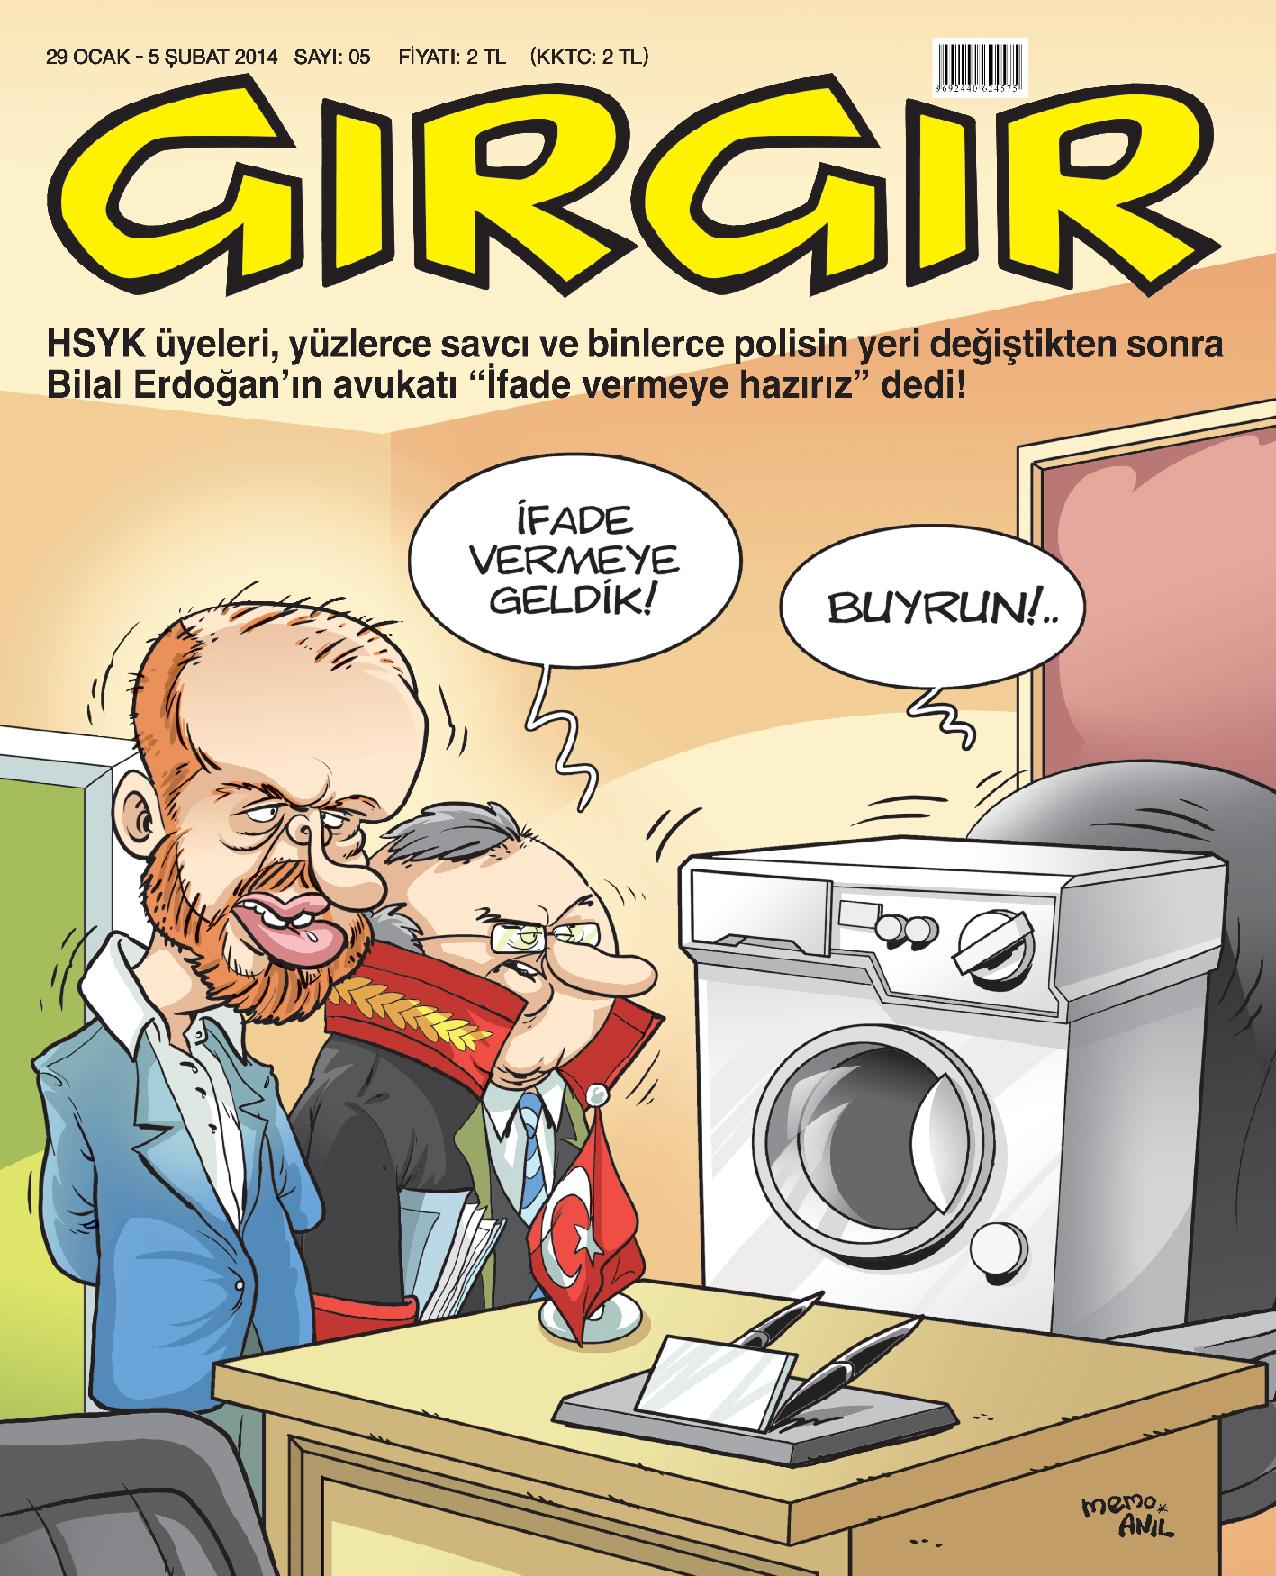 Saving the AKP | Reuben Silverman